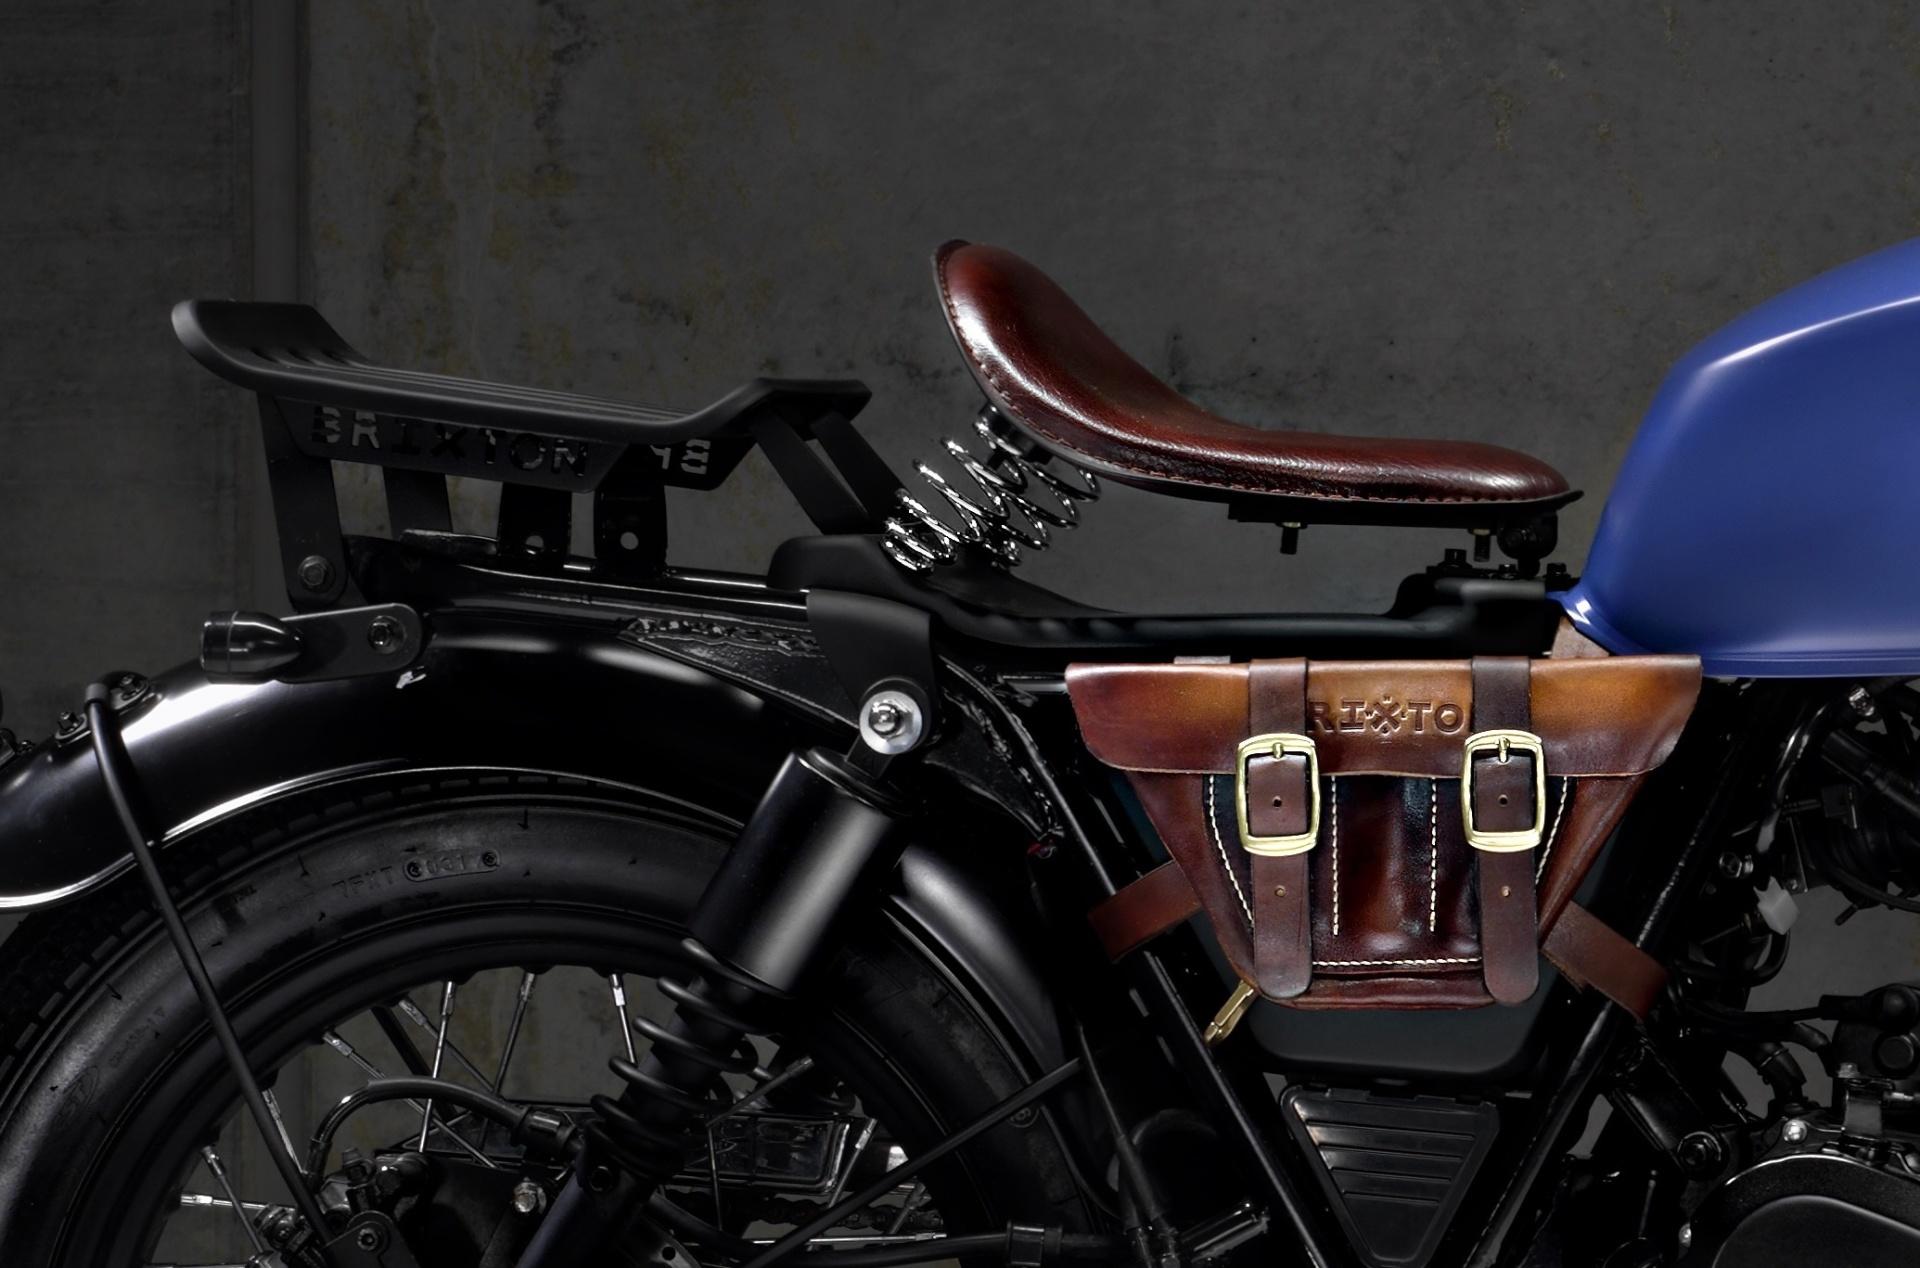 Moto Brixton Rayburn 125 Bobber Asiento